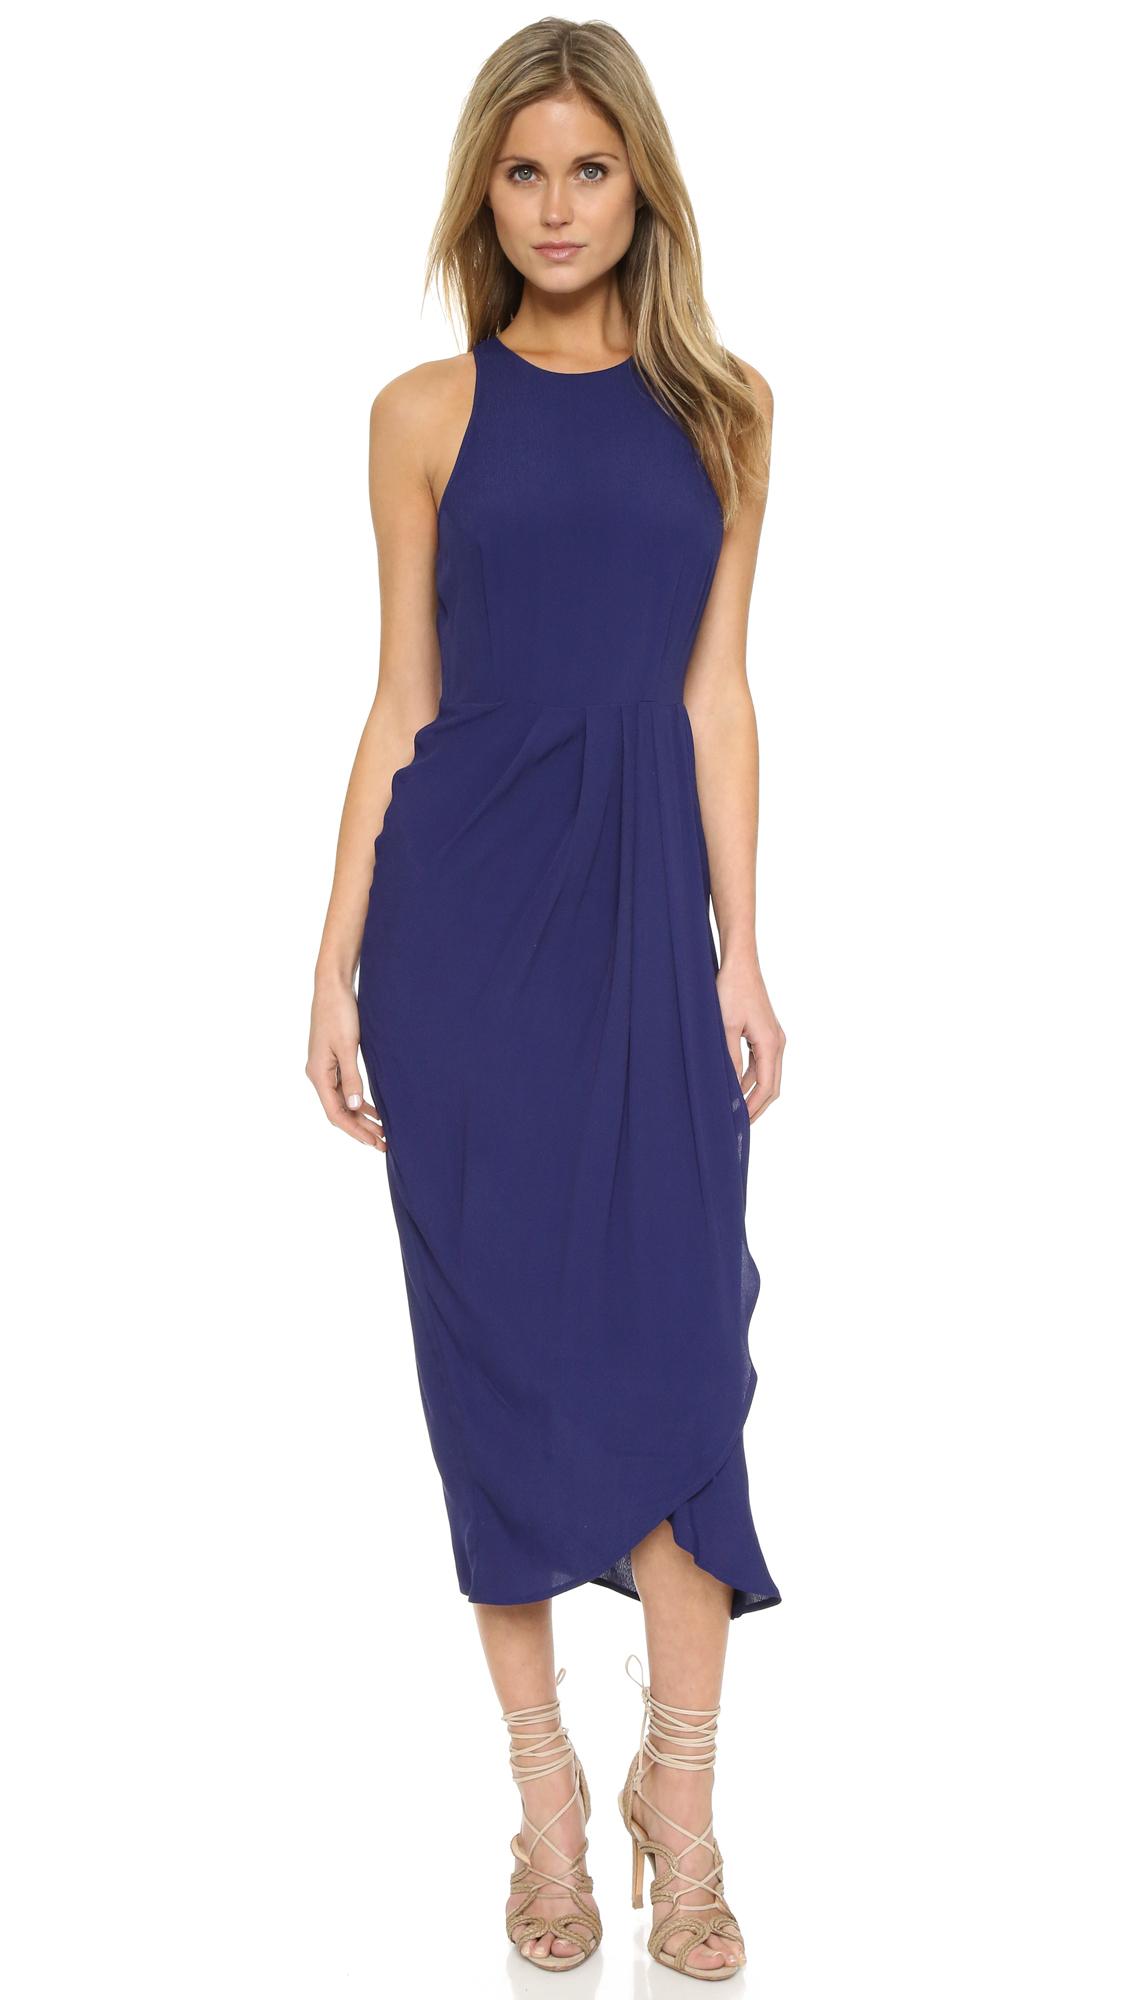 Yumi kim So Social Dress in Blue